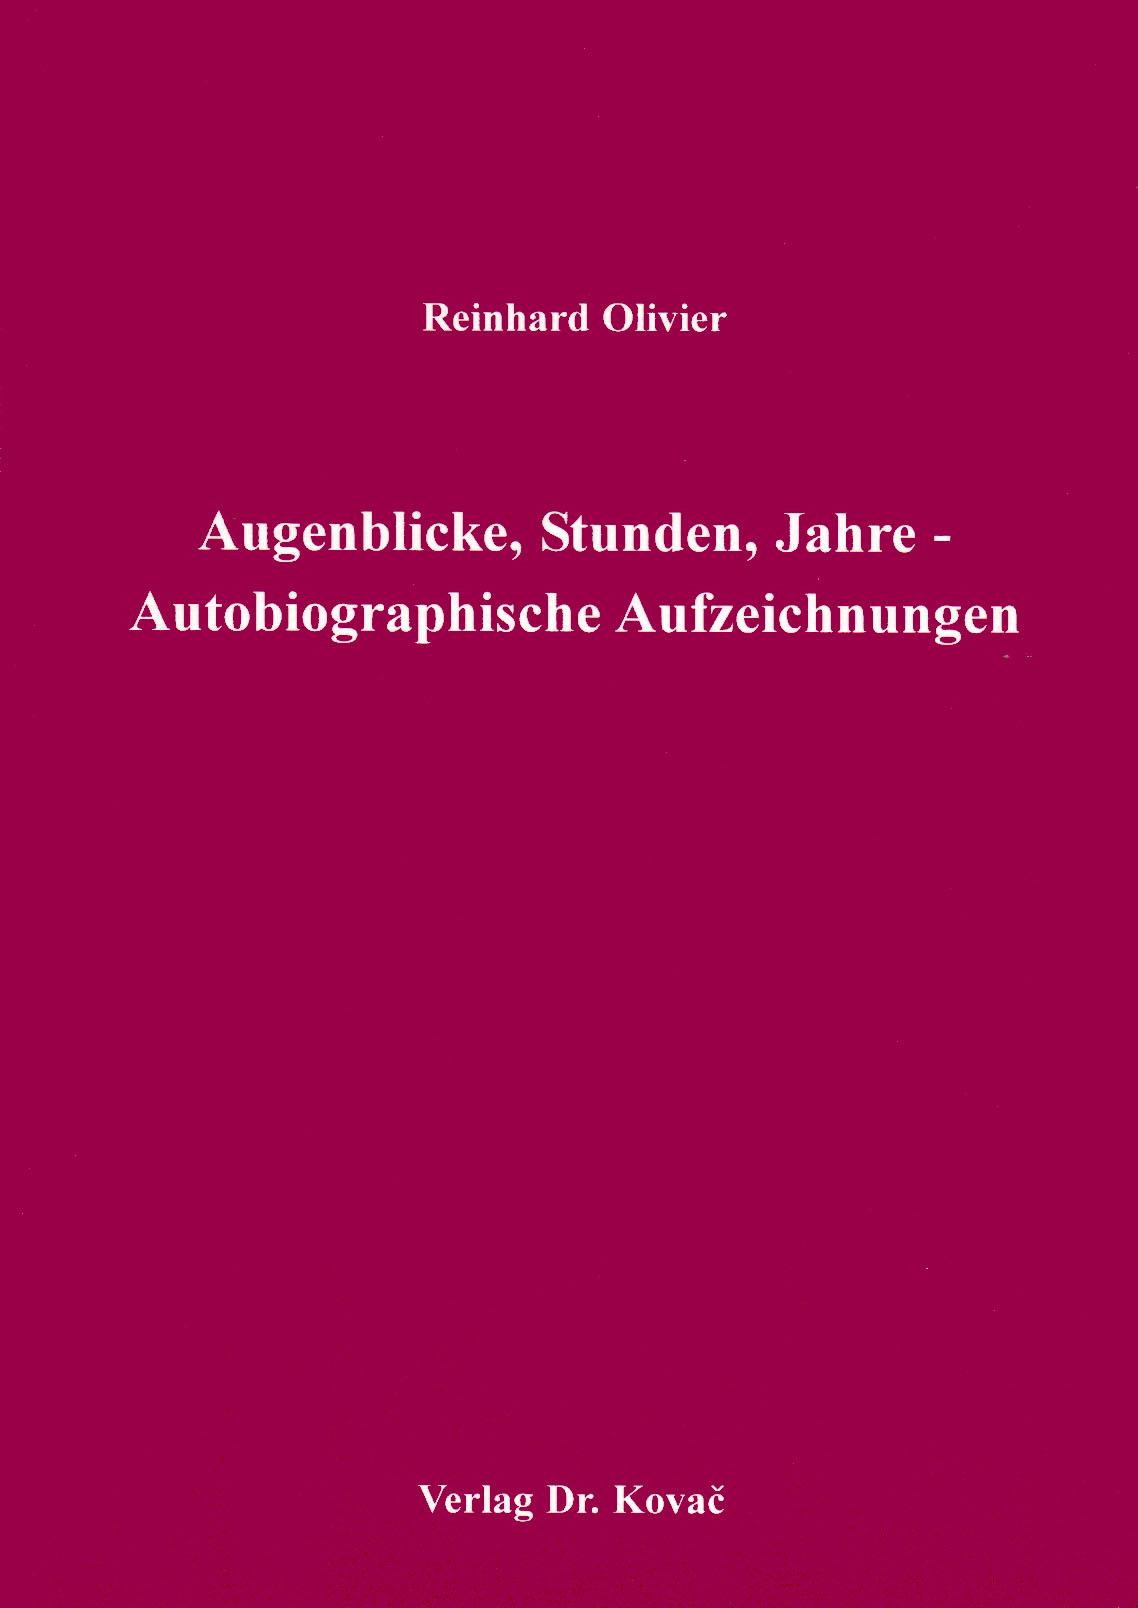 Cover: Augenblicke, Stunden, Jahre - Autobiographische Aufzeichnungen